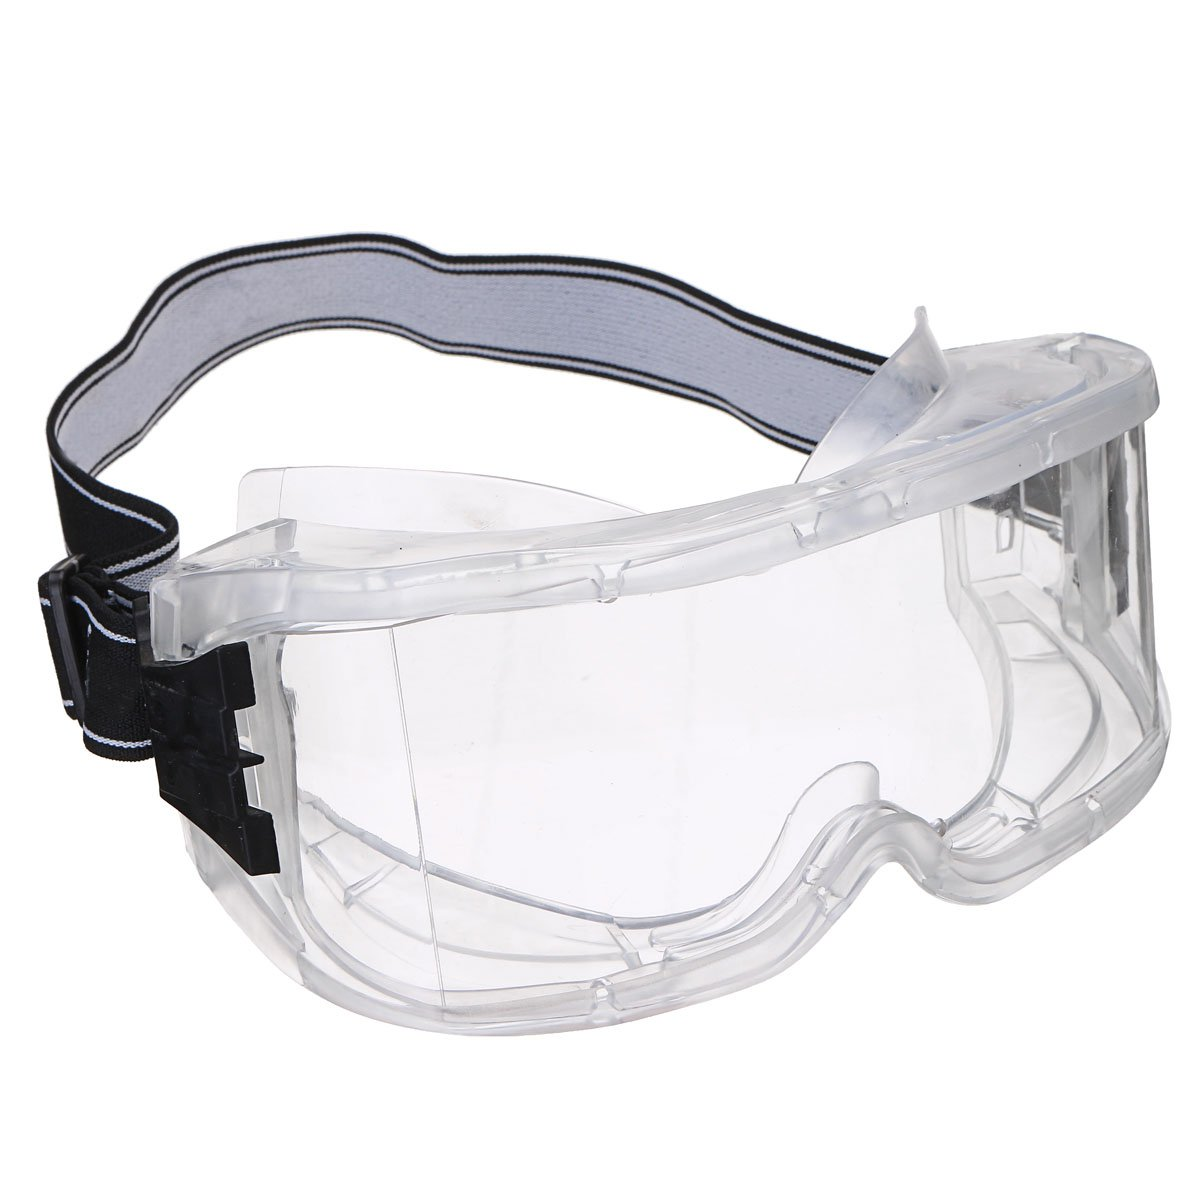 Как выбрать защитные очки для работы с болгаркой